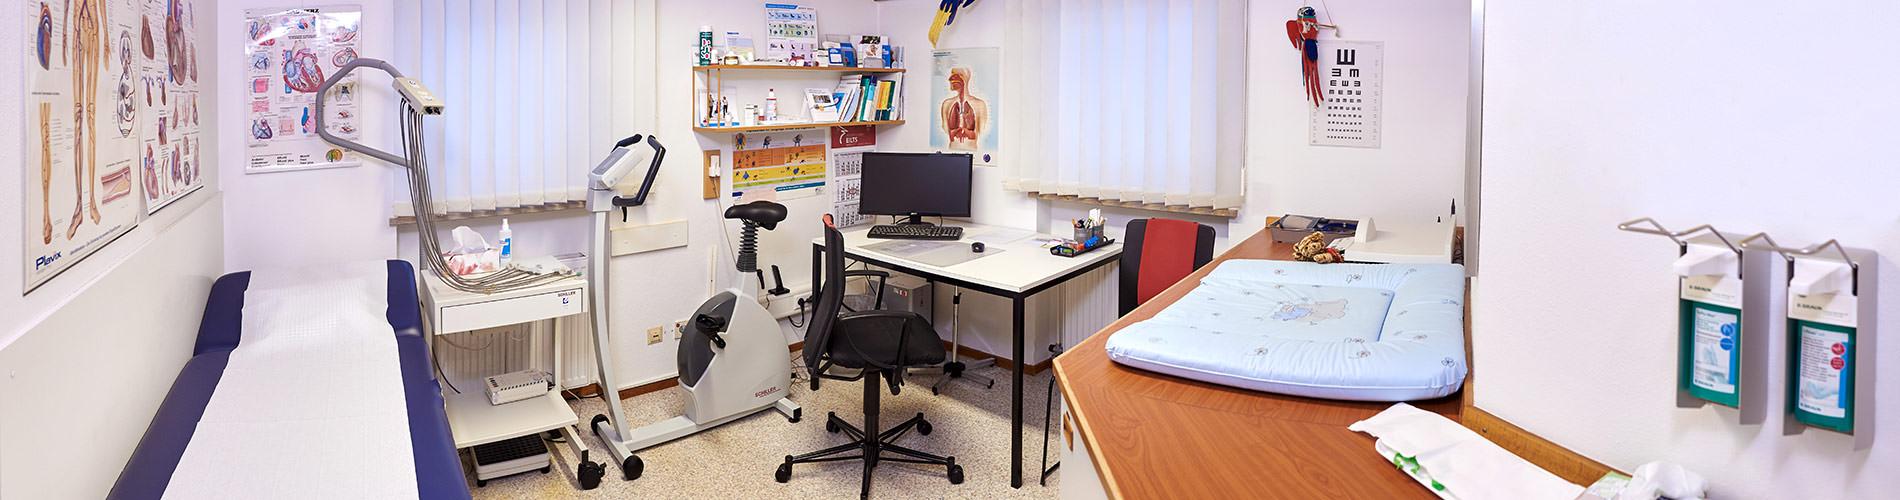 Hausarztpraxis Altenstadt an der Iller – Dr. Gabor Csuka – Allgemeinmedizin Behandlungszimmer